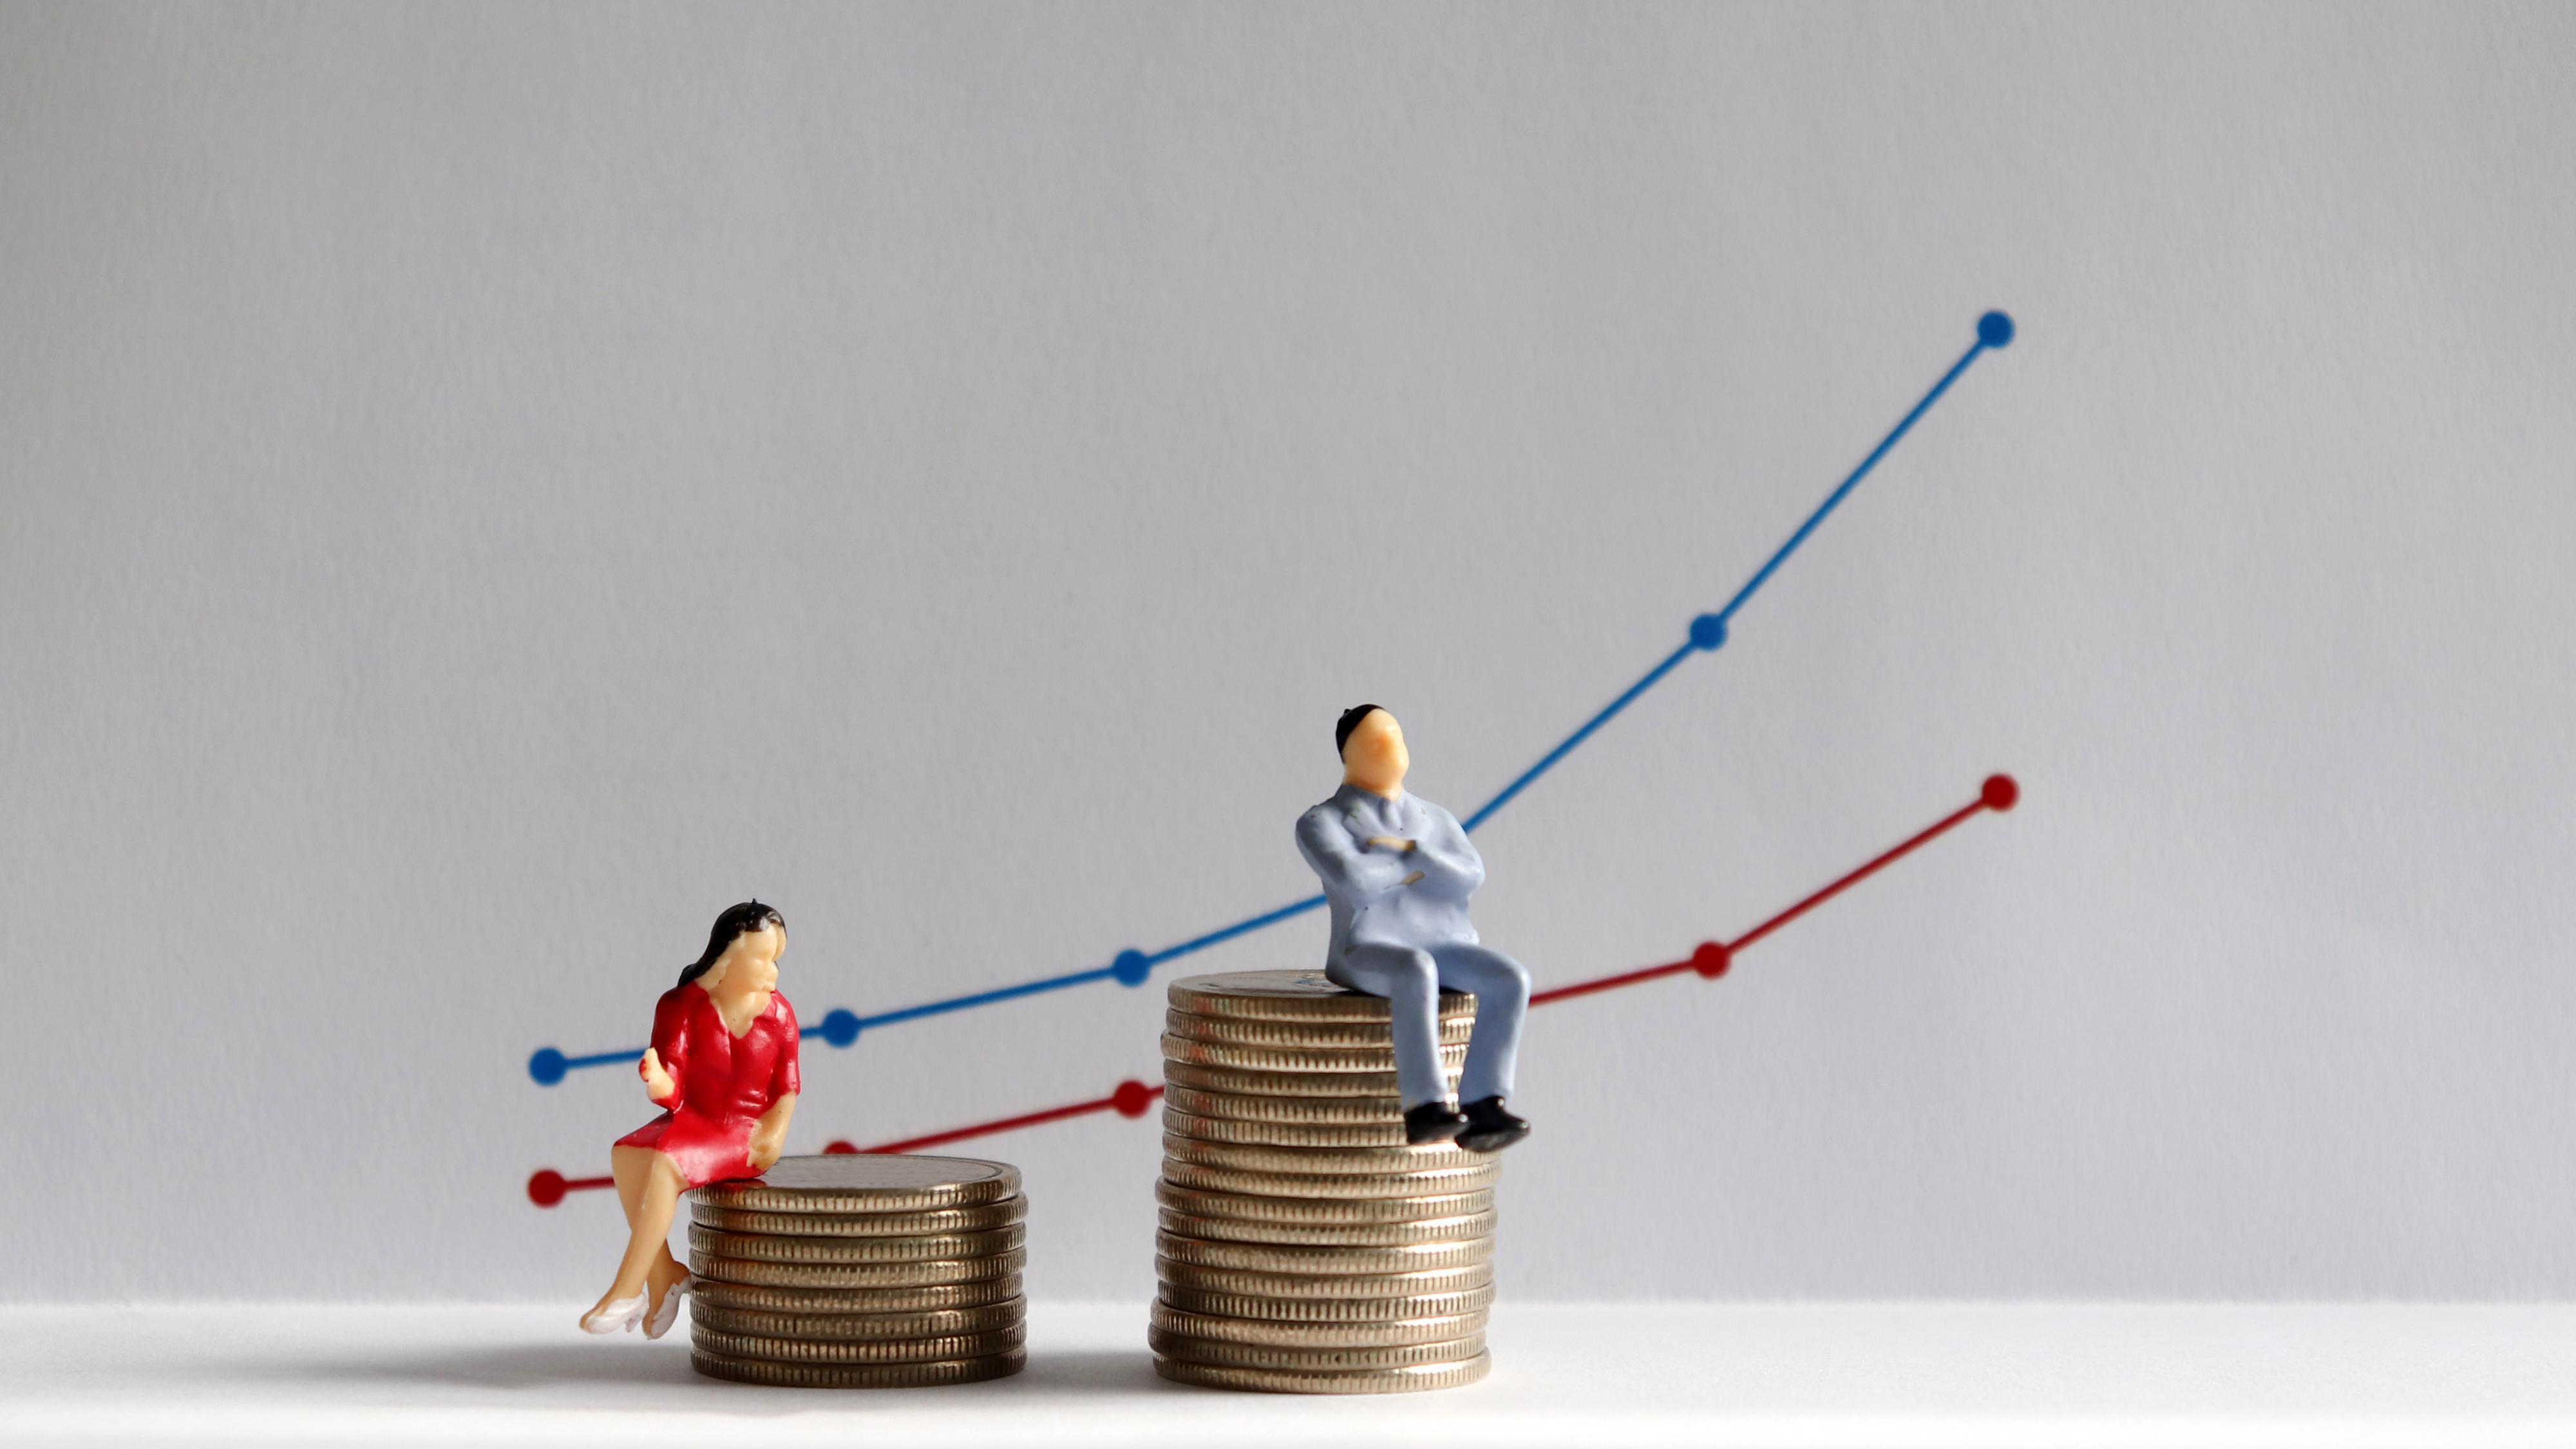 Sukupuolten välistä palkkaeroa kuvaavat sininen ja punainen tilastokäyrä. Miniatyyriset mies ja nainen istumassa kolikkopinojen päällä.